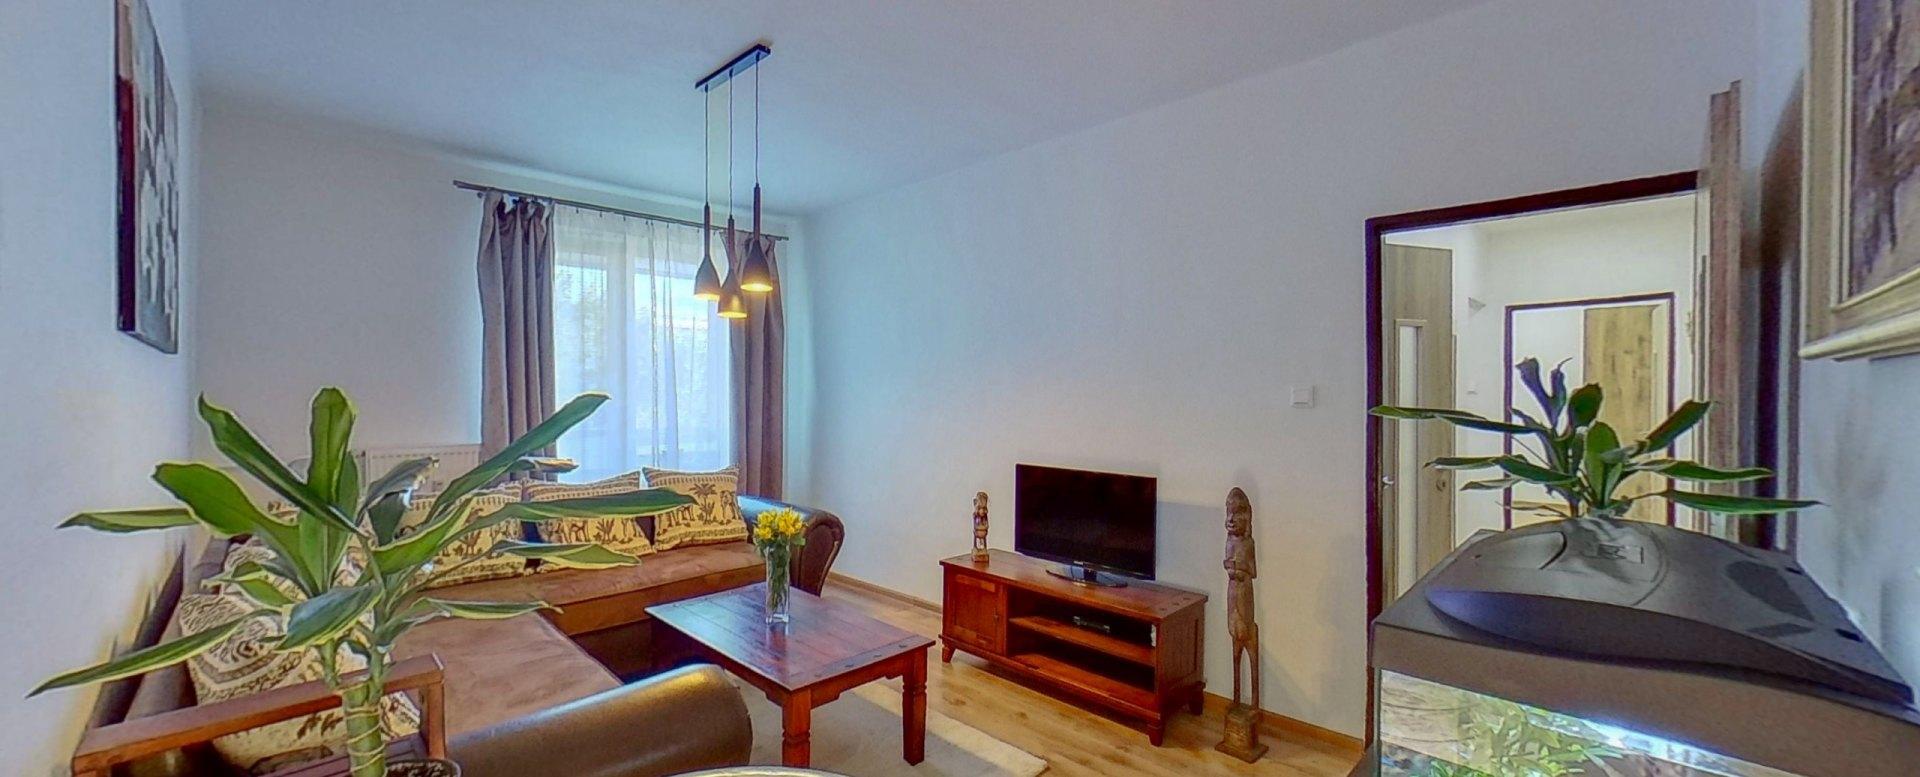 Pohľad v obývacej izbe na tv, kvet, akvárium a chodbu